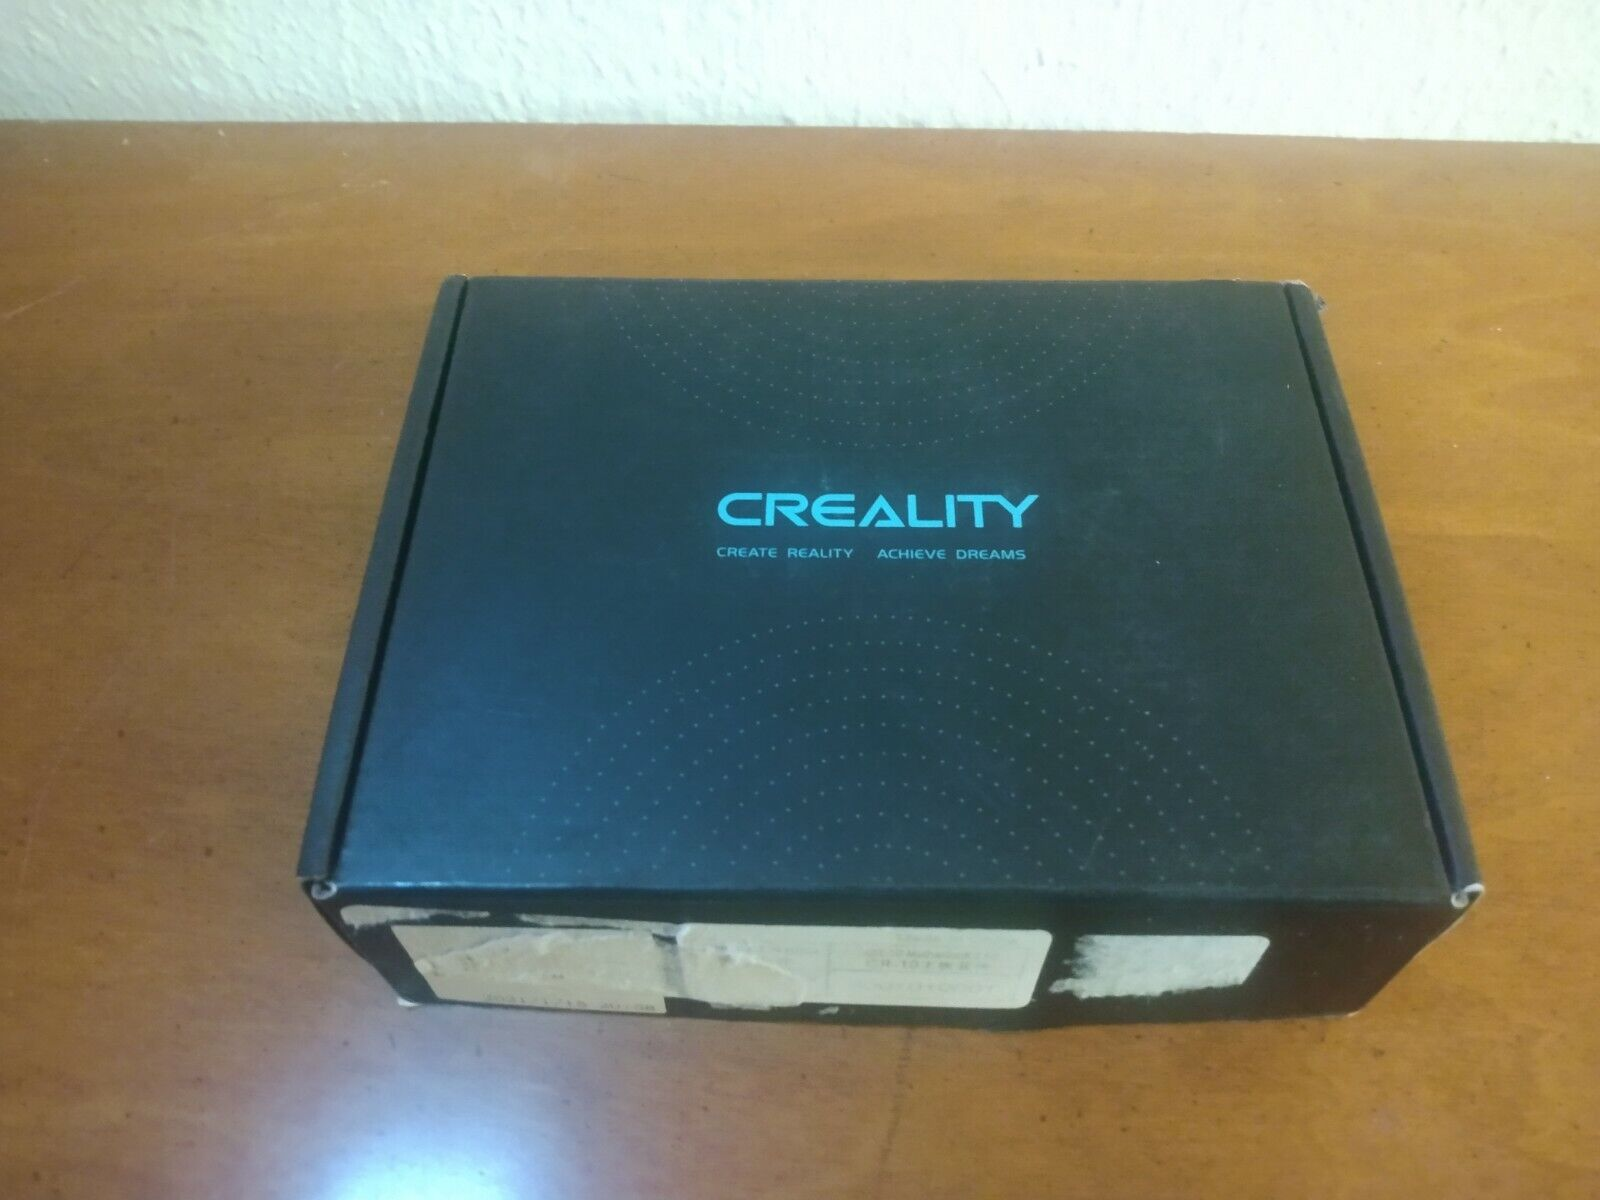 Creality V1.1.4 Motherboard/Main-Board, Ender-3/Ender-3 Pro/Ender-5 3D Printers.